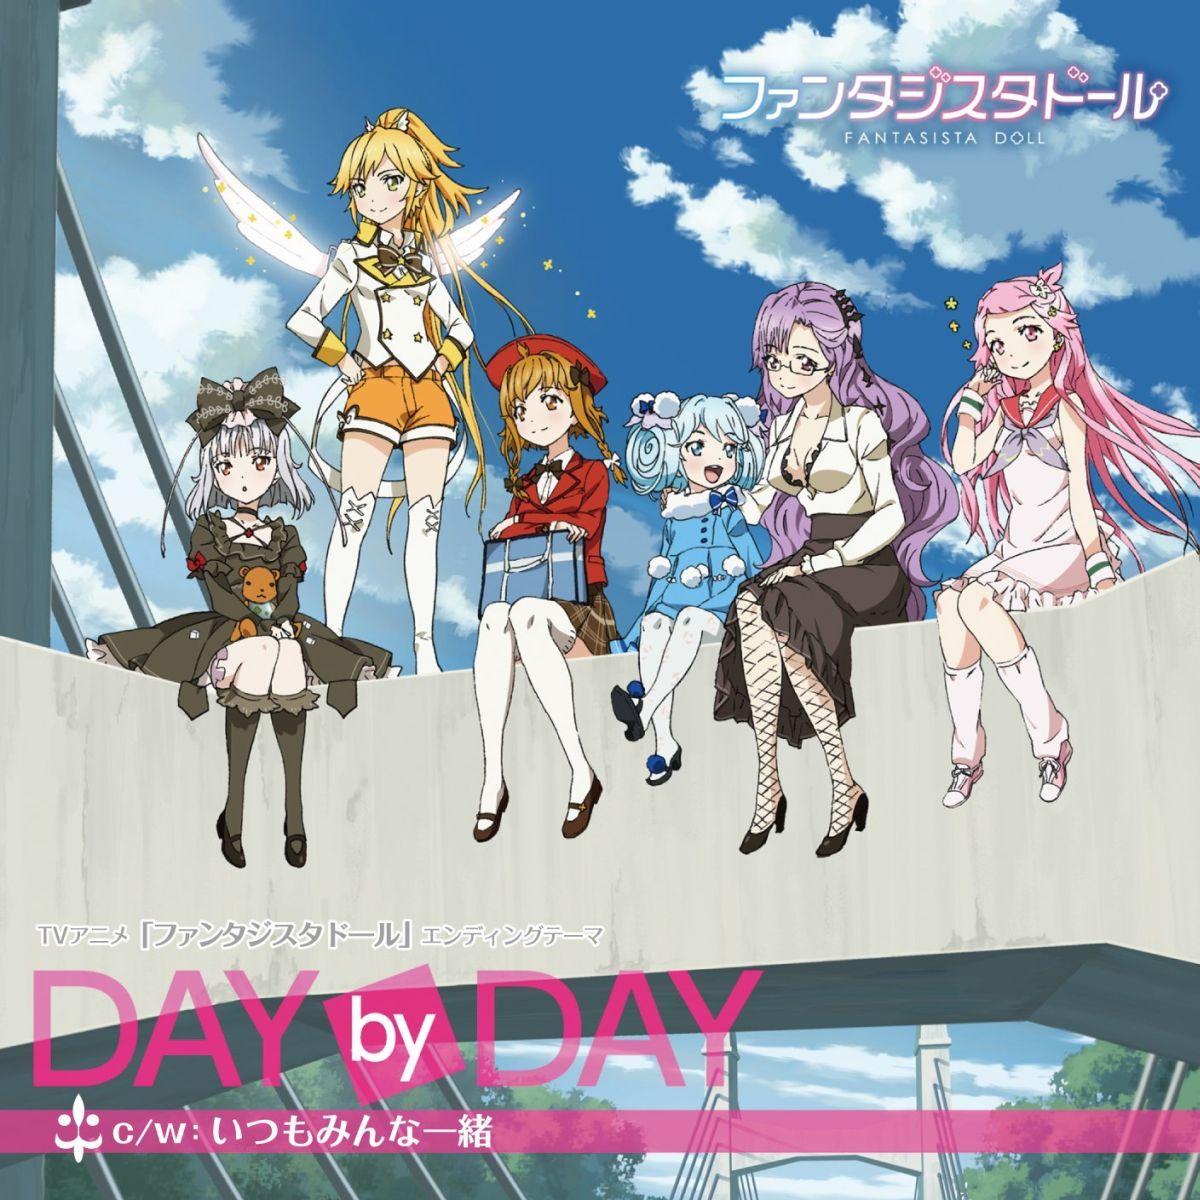 TVアニメ「ファンタジスタドール」エンディング・テーマ::DAY by DAY画像